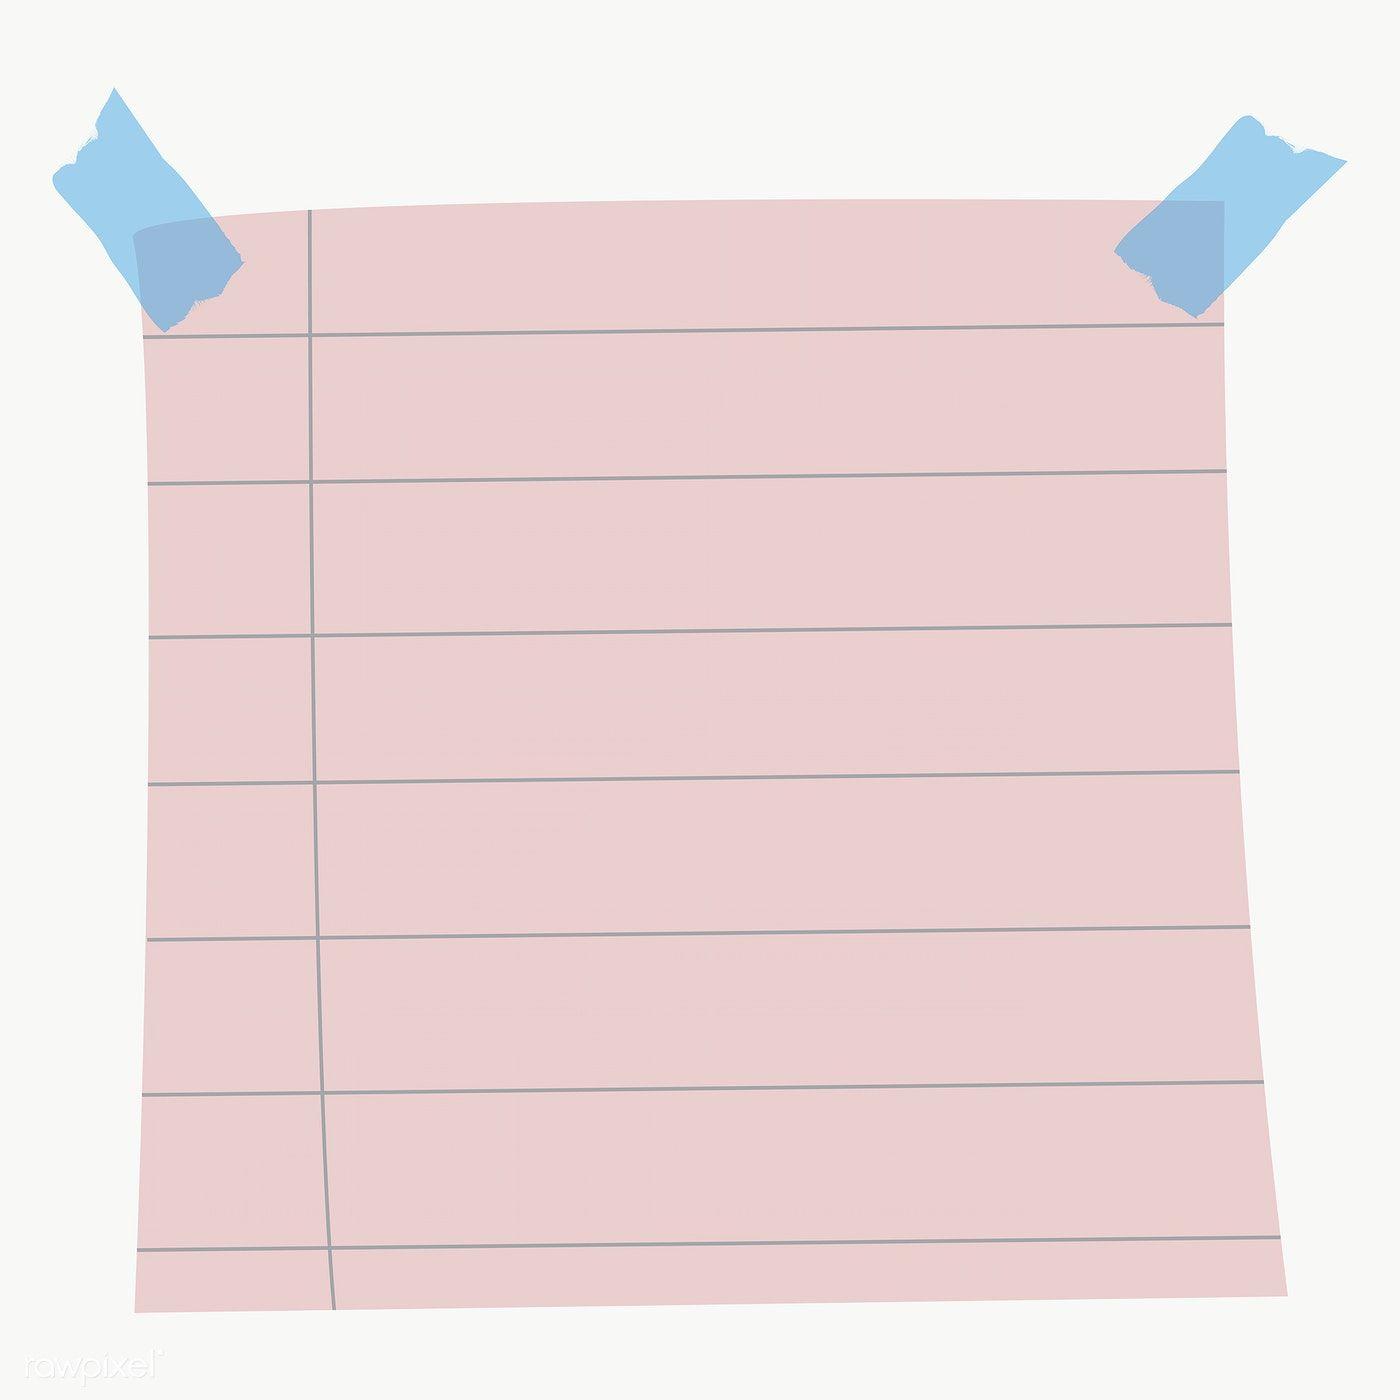 Blank Lined Notepaper Set With Sticky Tape On Transparent Premium Image By Rawpixel Portada De Cuaderno De Ciencias Fondos Para Blog Caratulas Para Carpetas